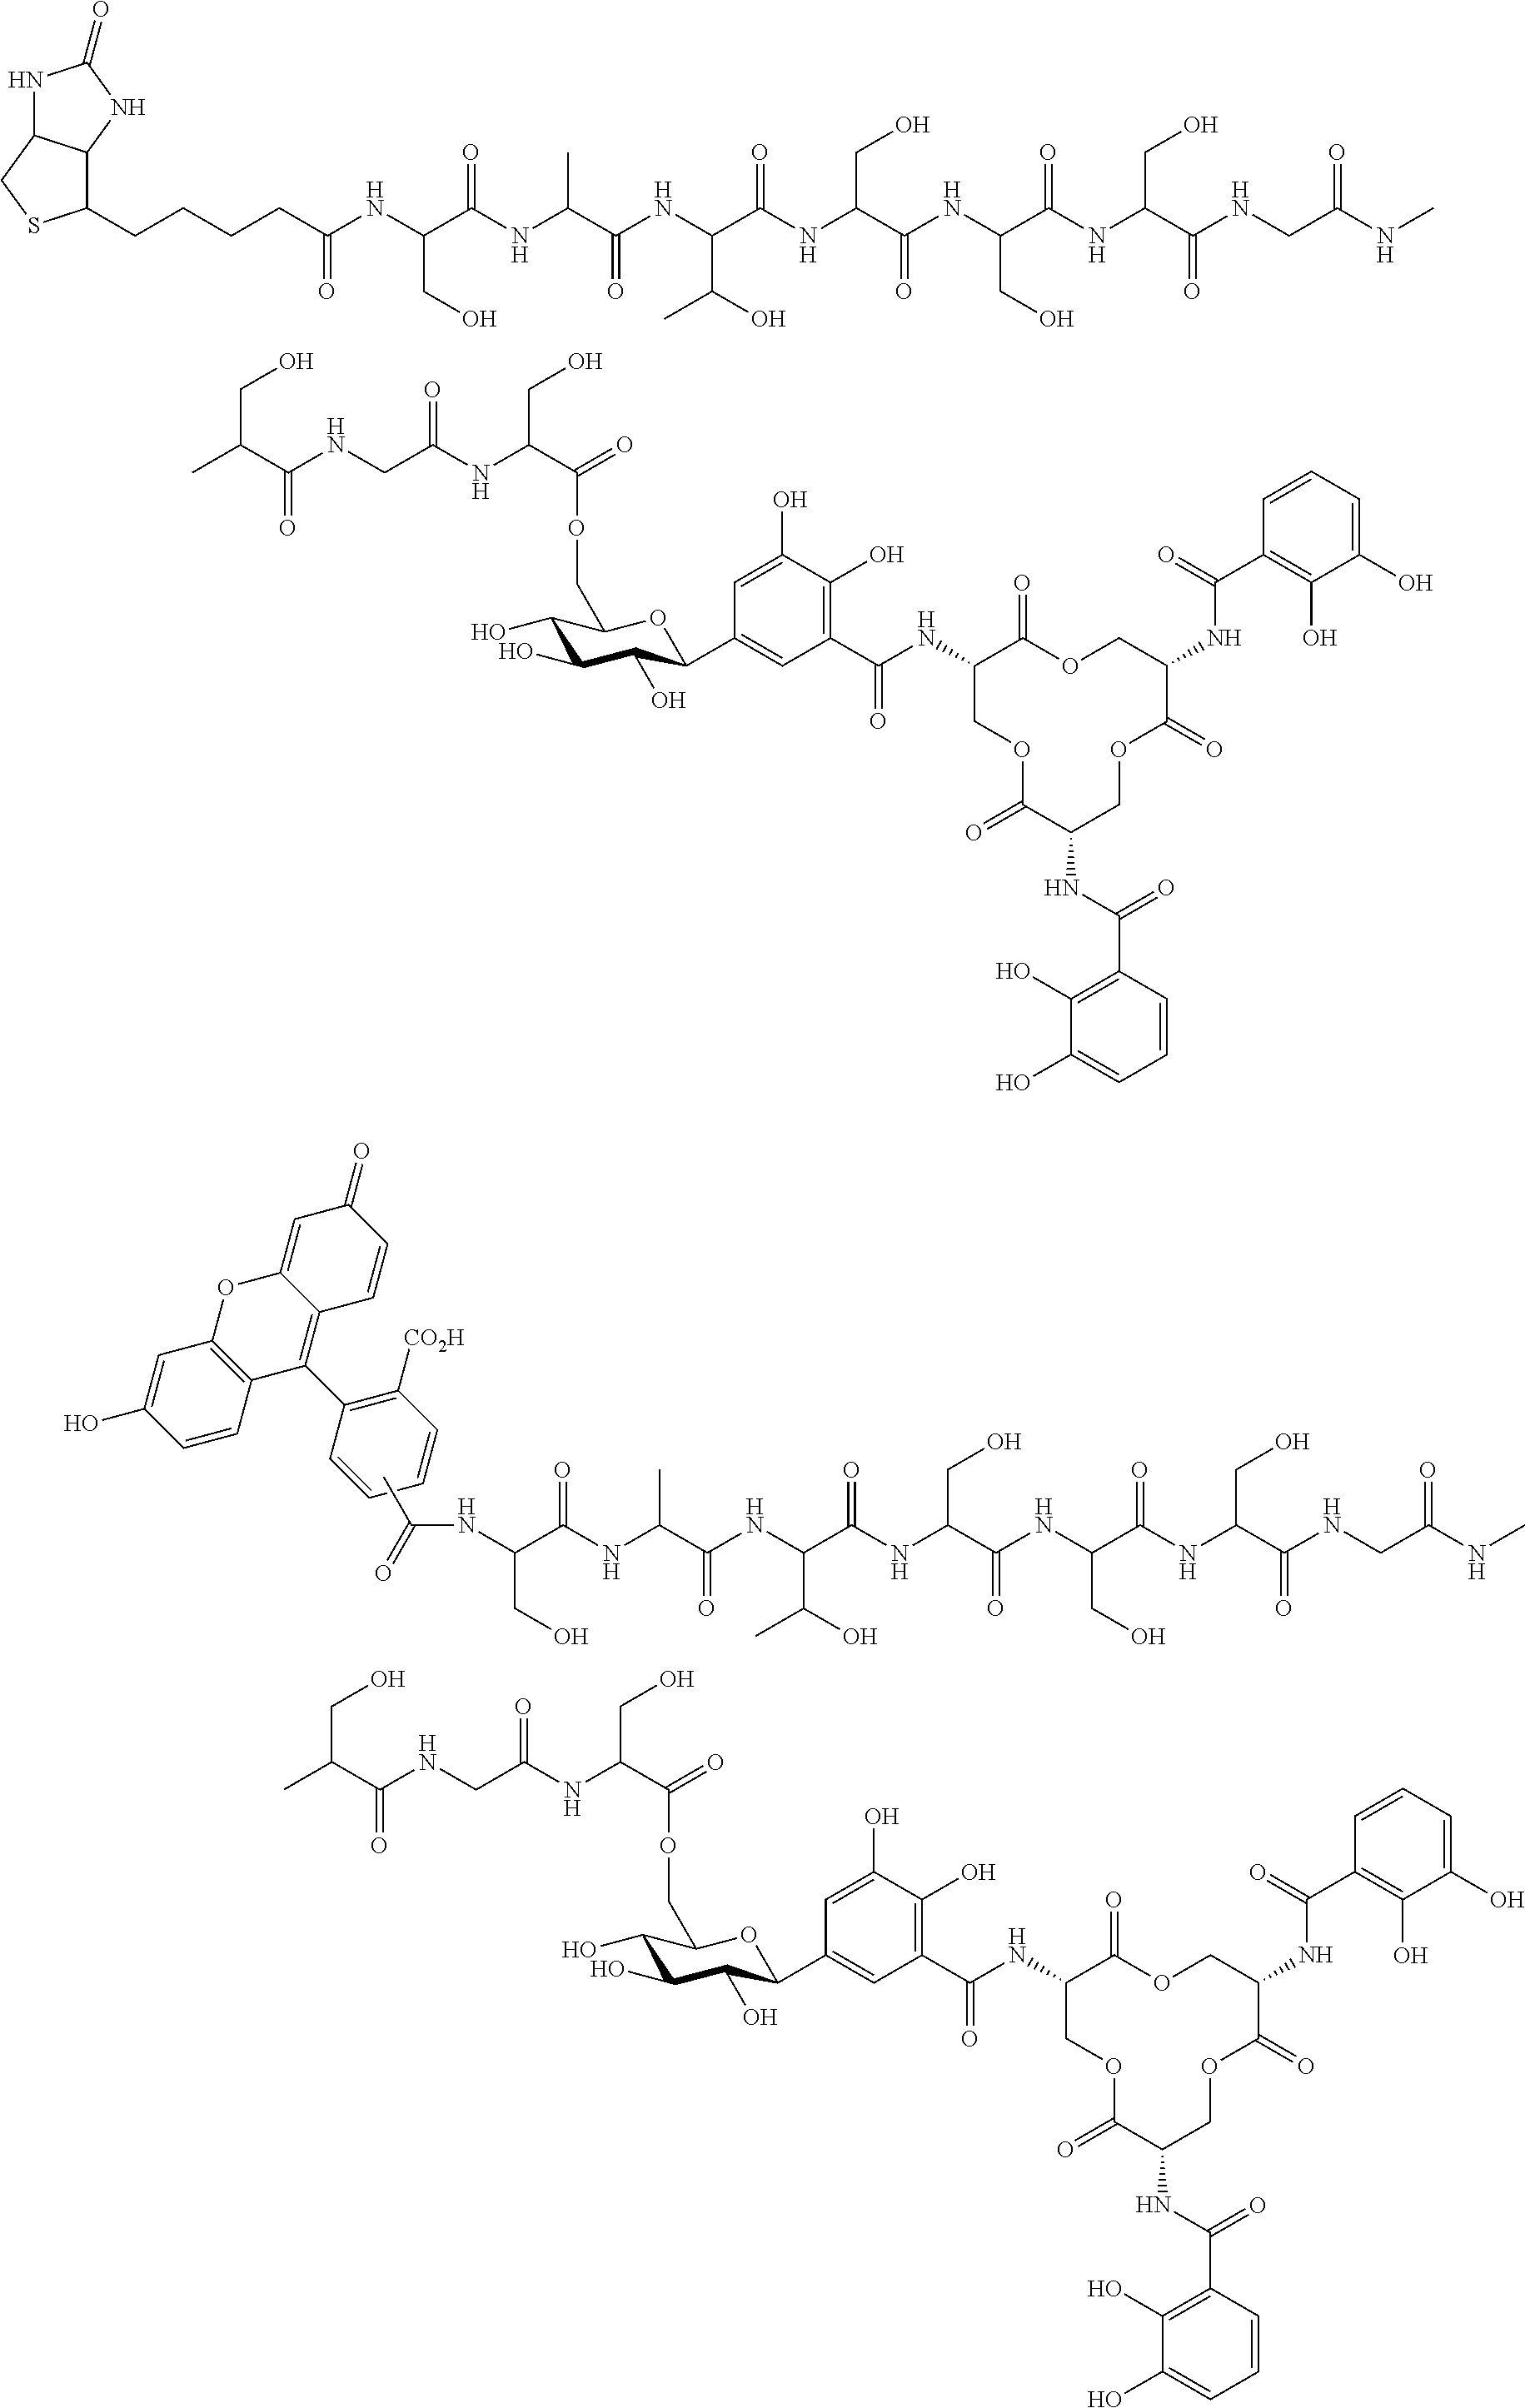 Figure US09902986-20180227-C00051